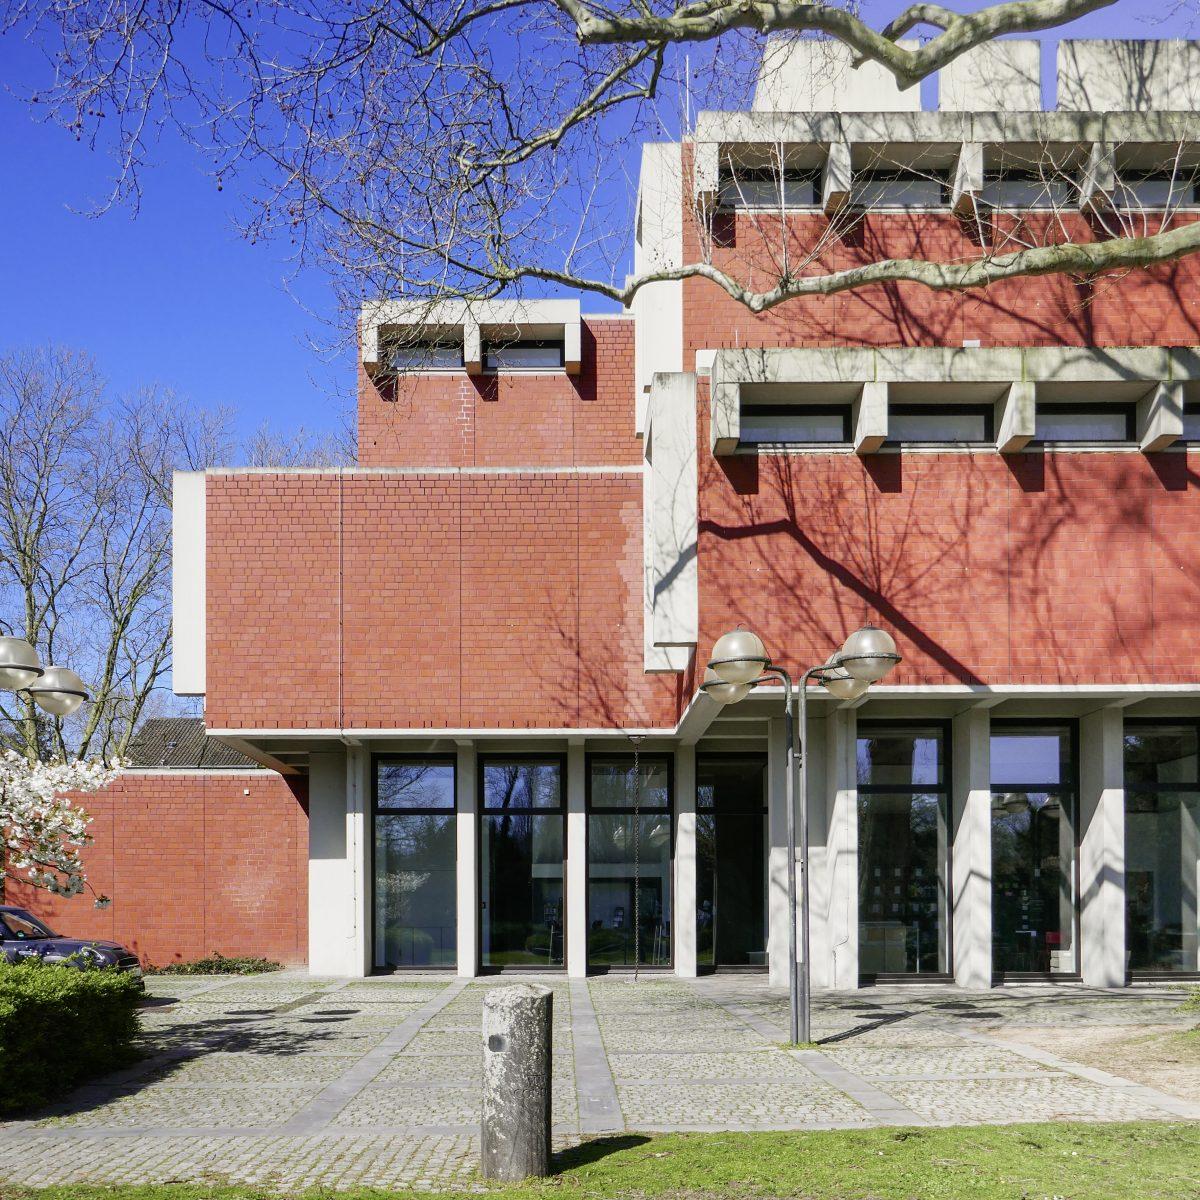 Harald Deilmann: Clemens-Sels-Museum Neuss (1963-1975) - Foto: Stefan Rethfeld